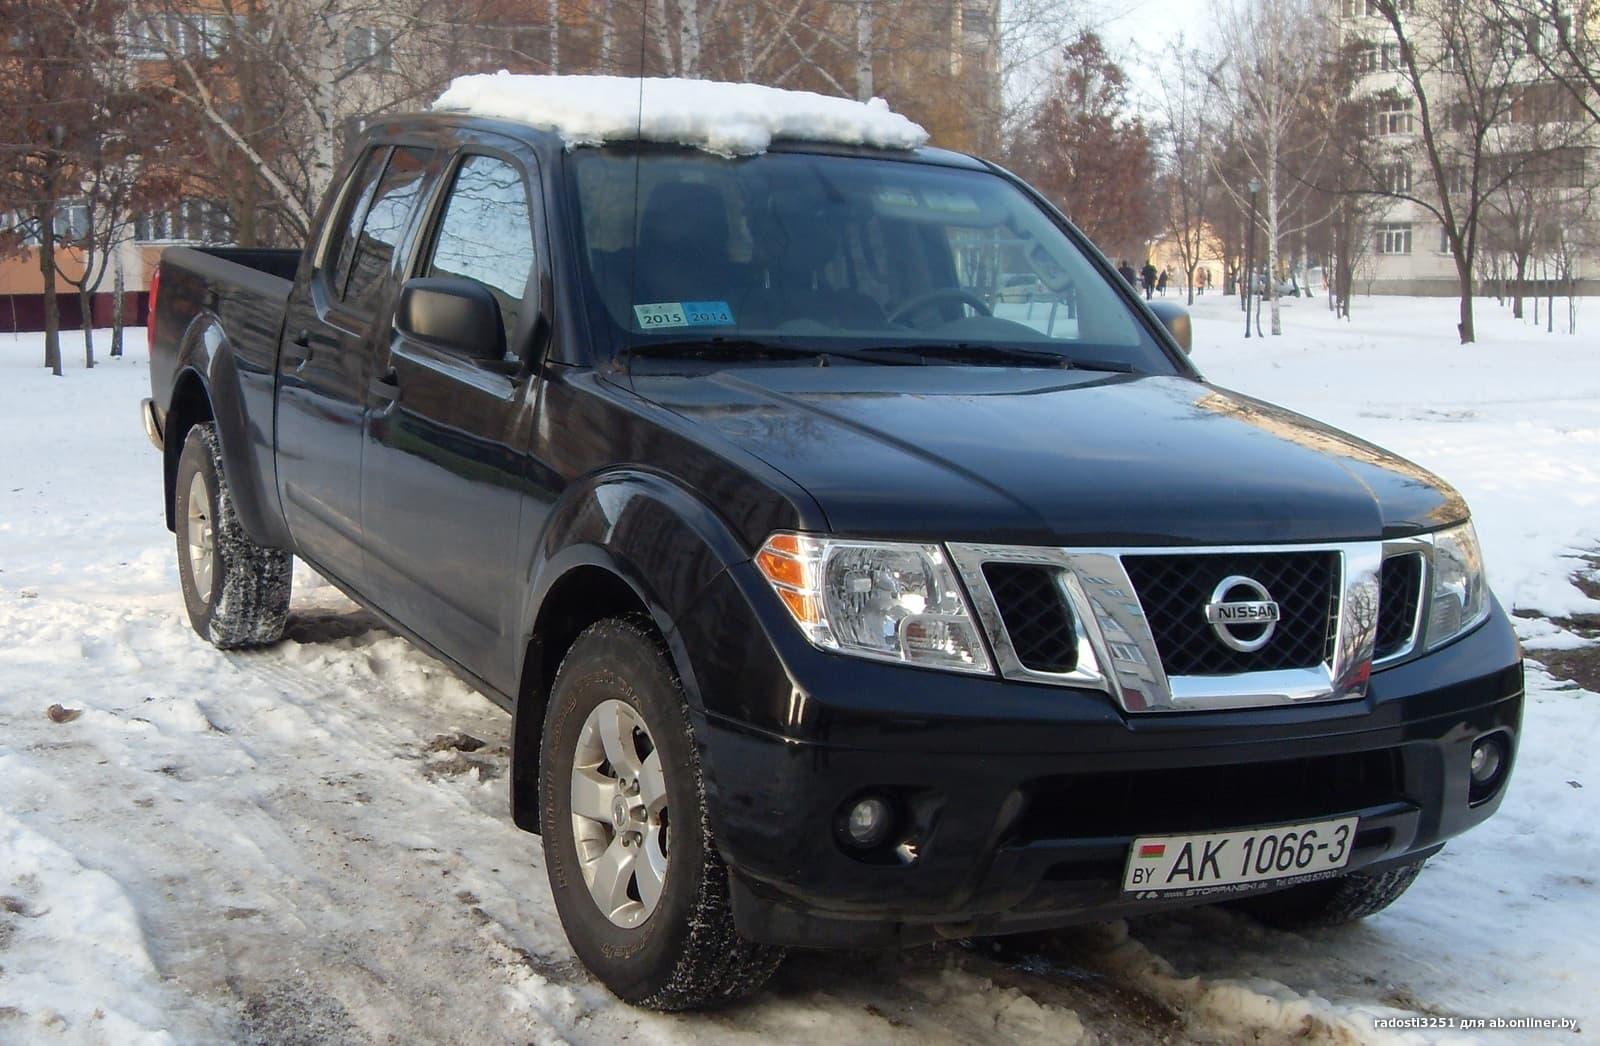 Nissan Frontier SV 4*4